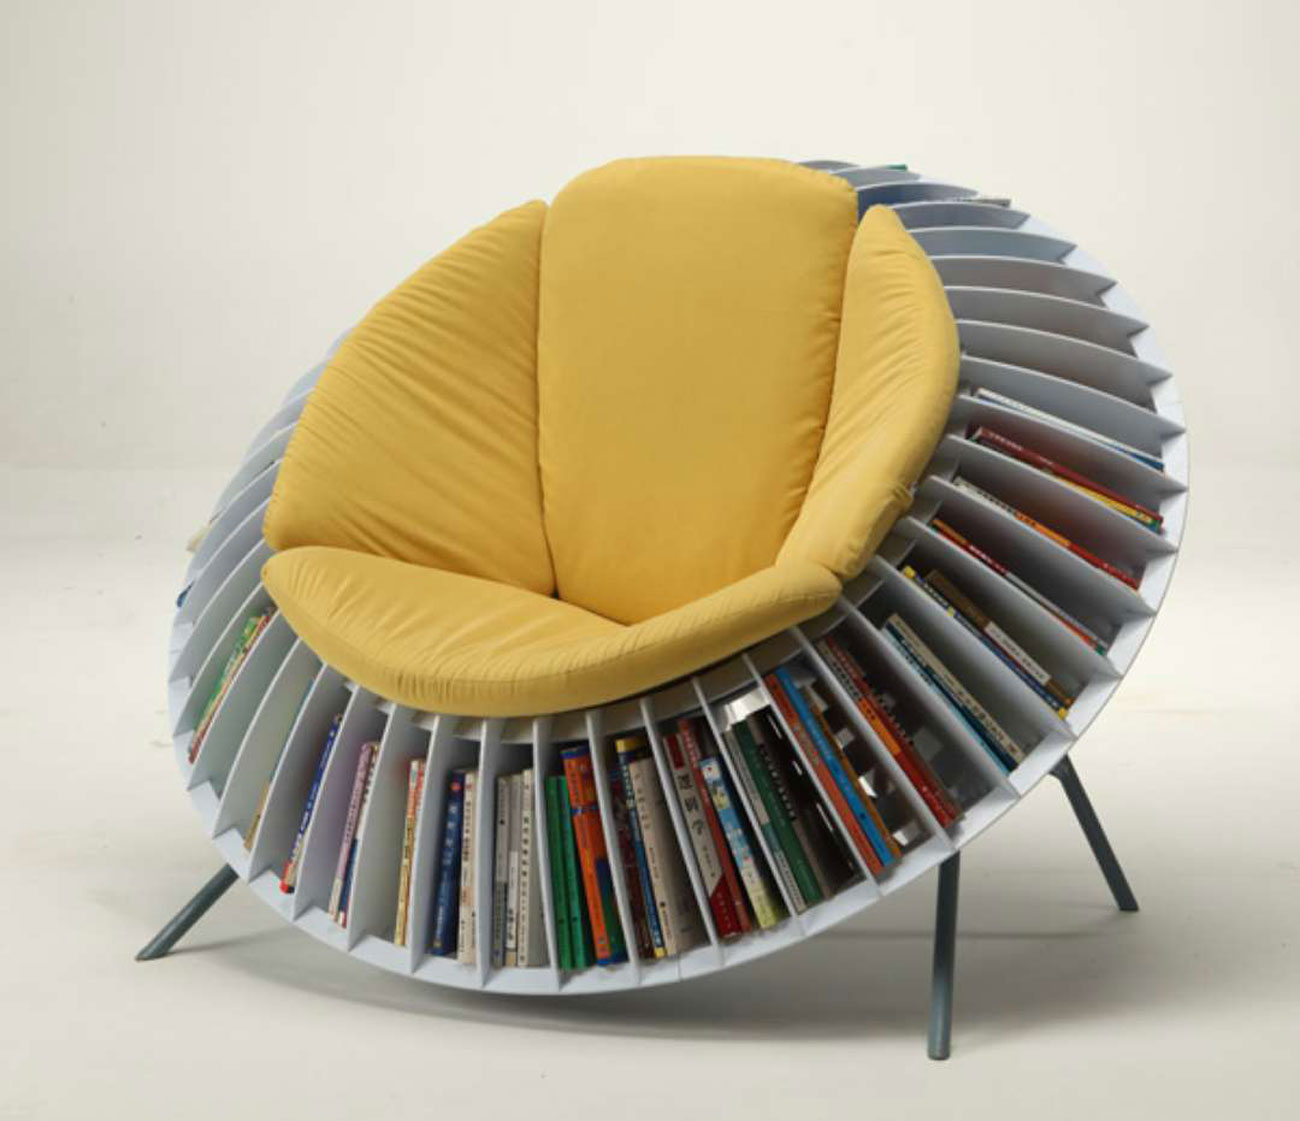 sunflower chair by He Mu and Zhang Qian